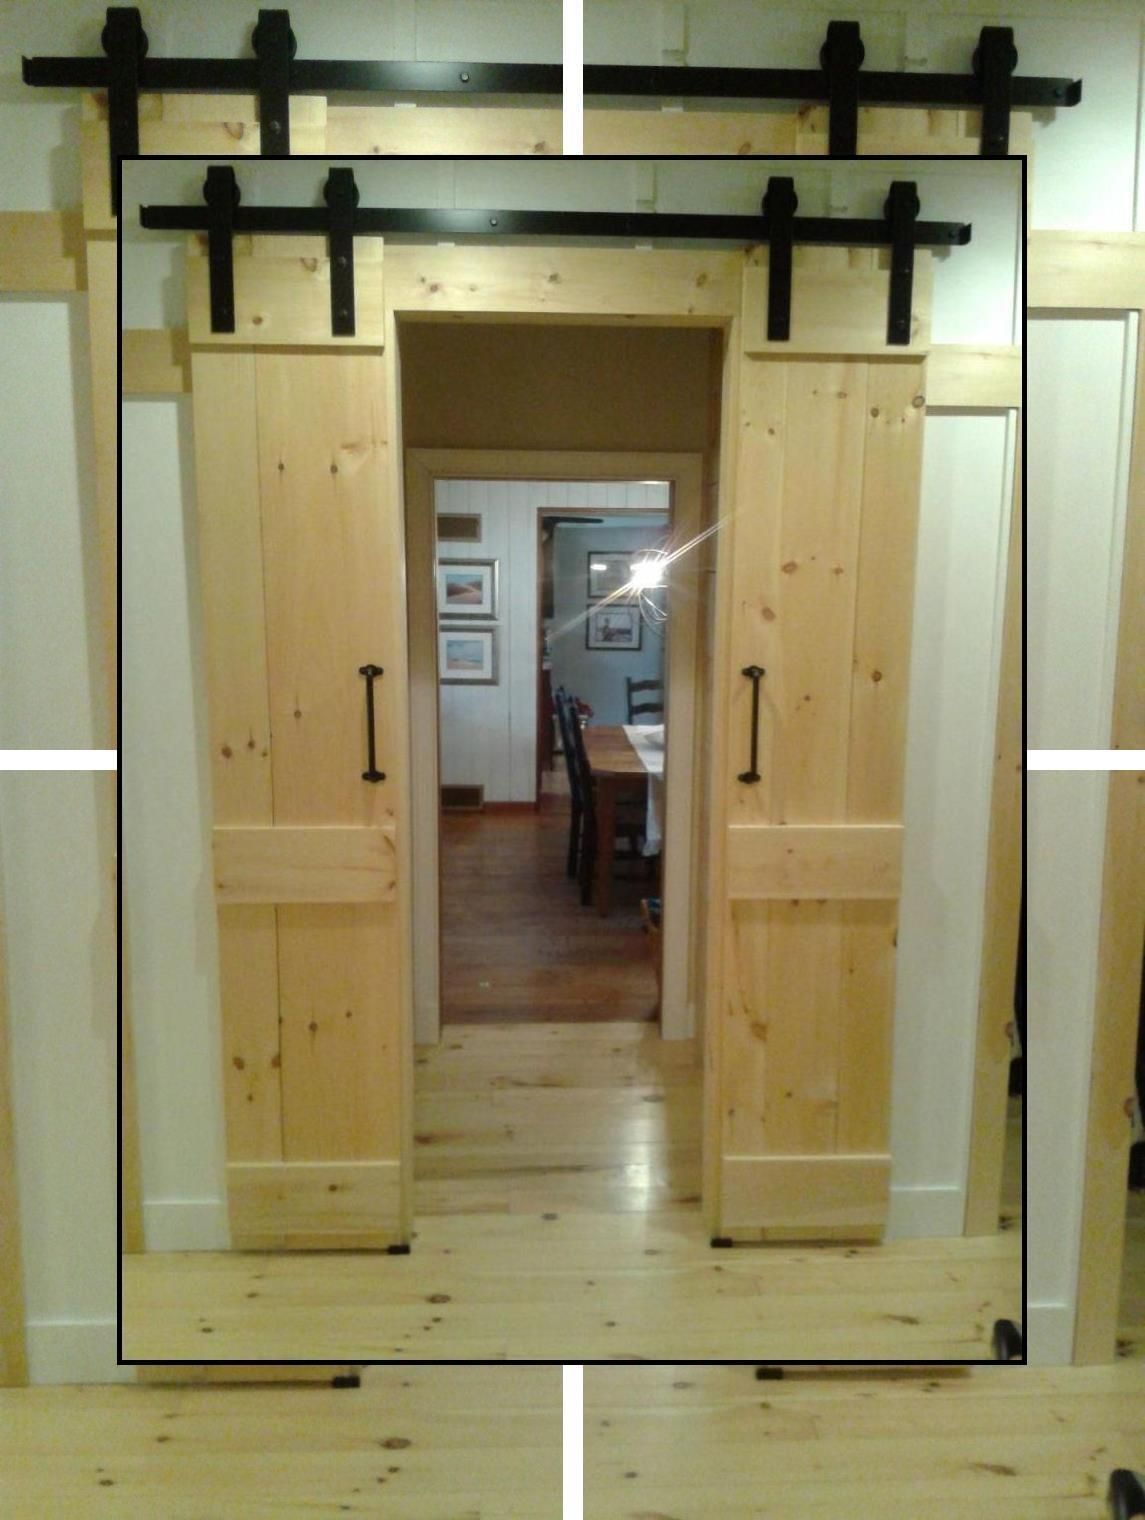 Indoor Barn Doors Hollow Core Interior Doors Interior Barn Door Kits Barndoors For You In 2020 Barn Doors Sliding Interior Barn Doors Cheap Interior Doors